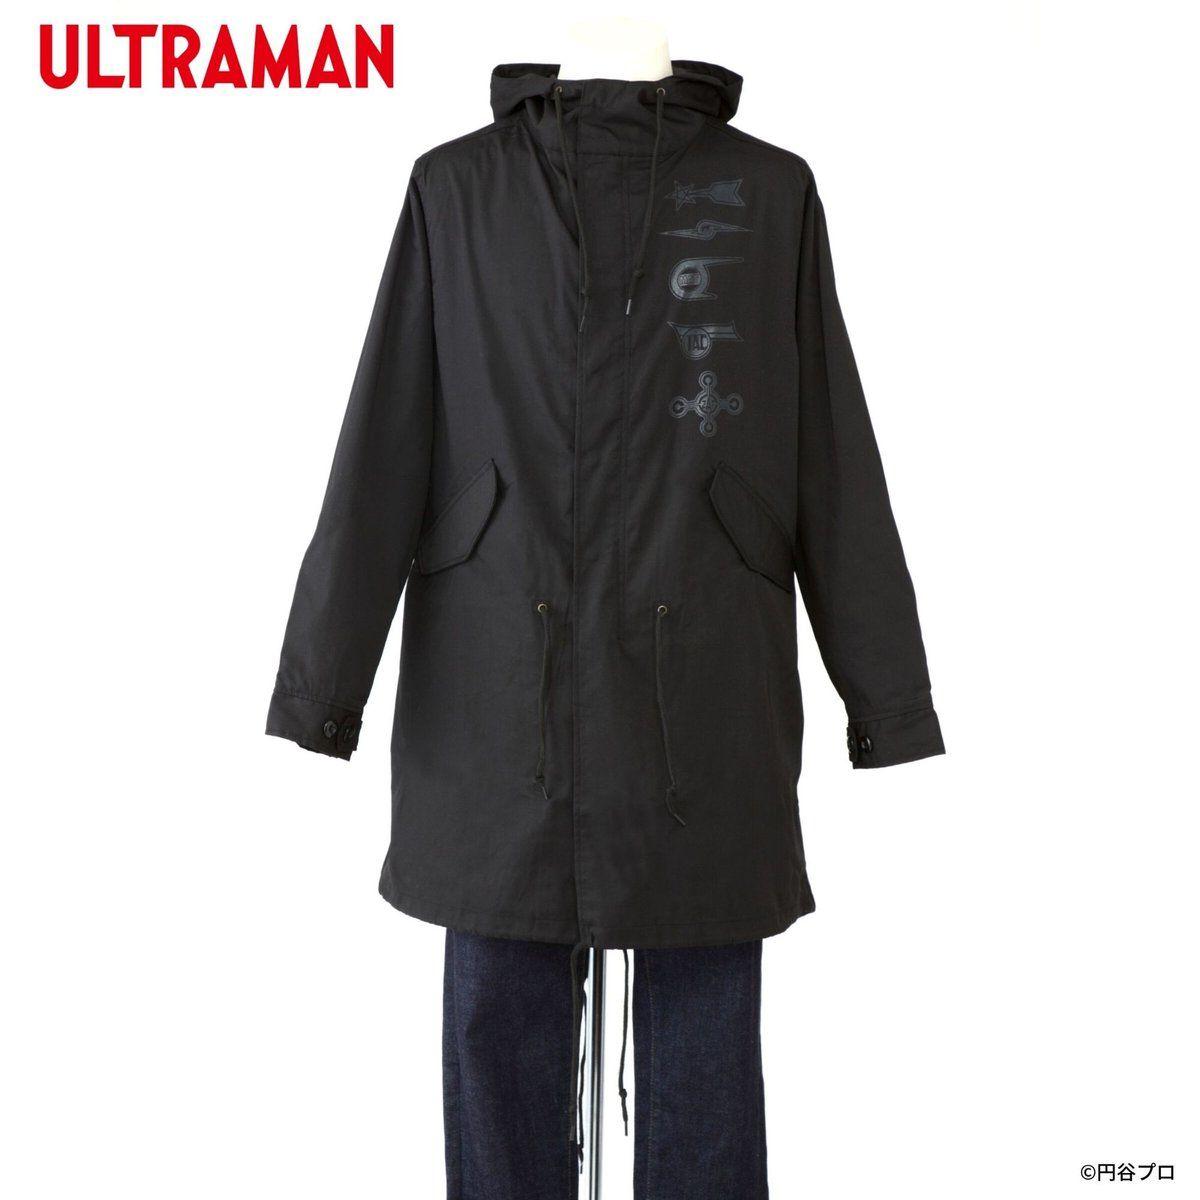 Ultraman Series Windbreaker